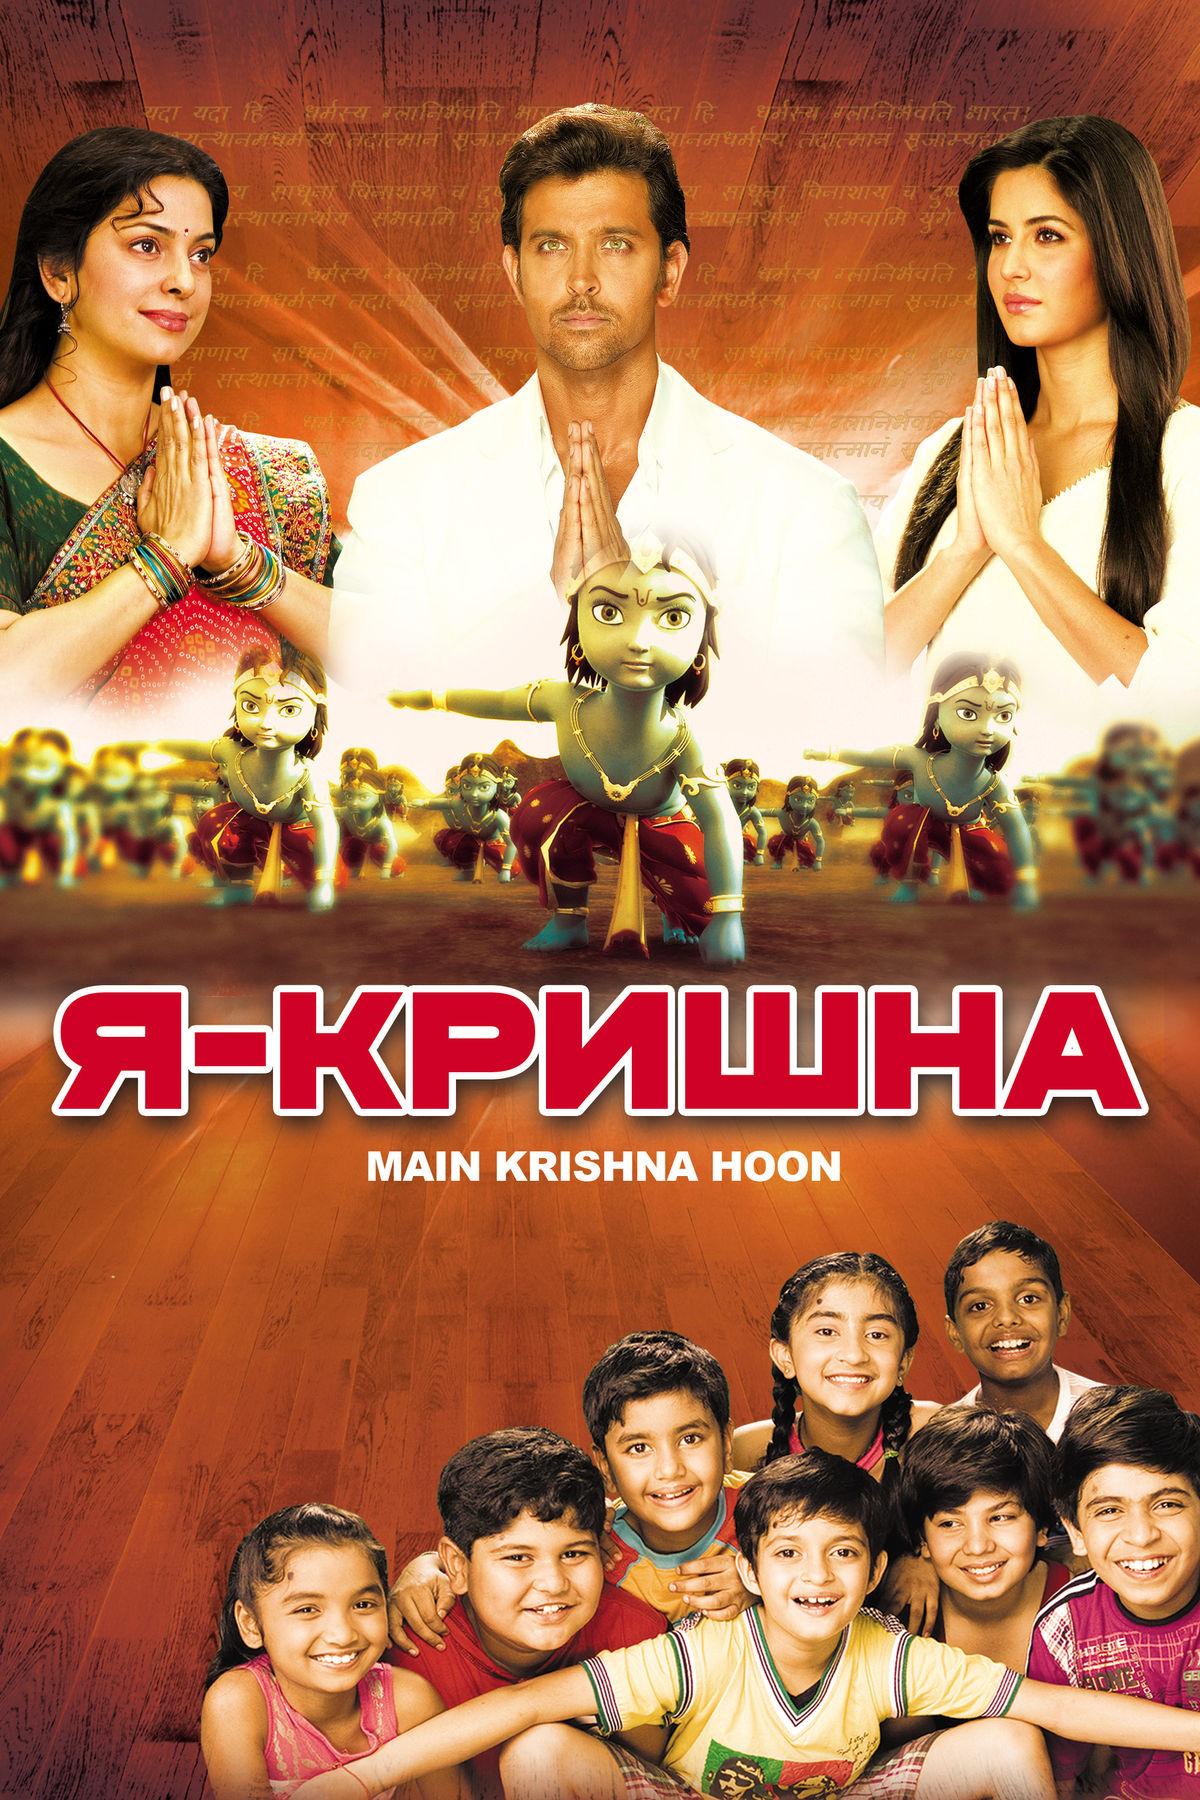 Main Krishna Hoon - Russian